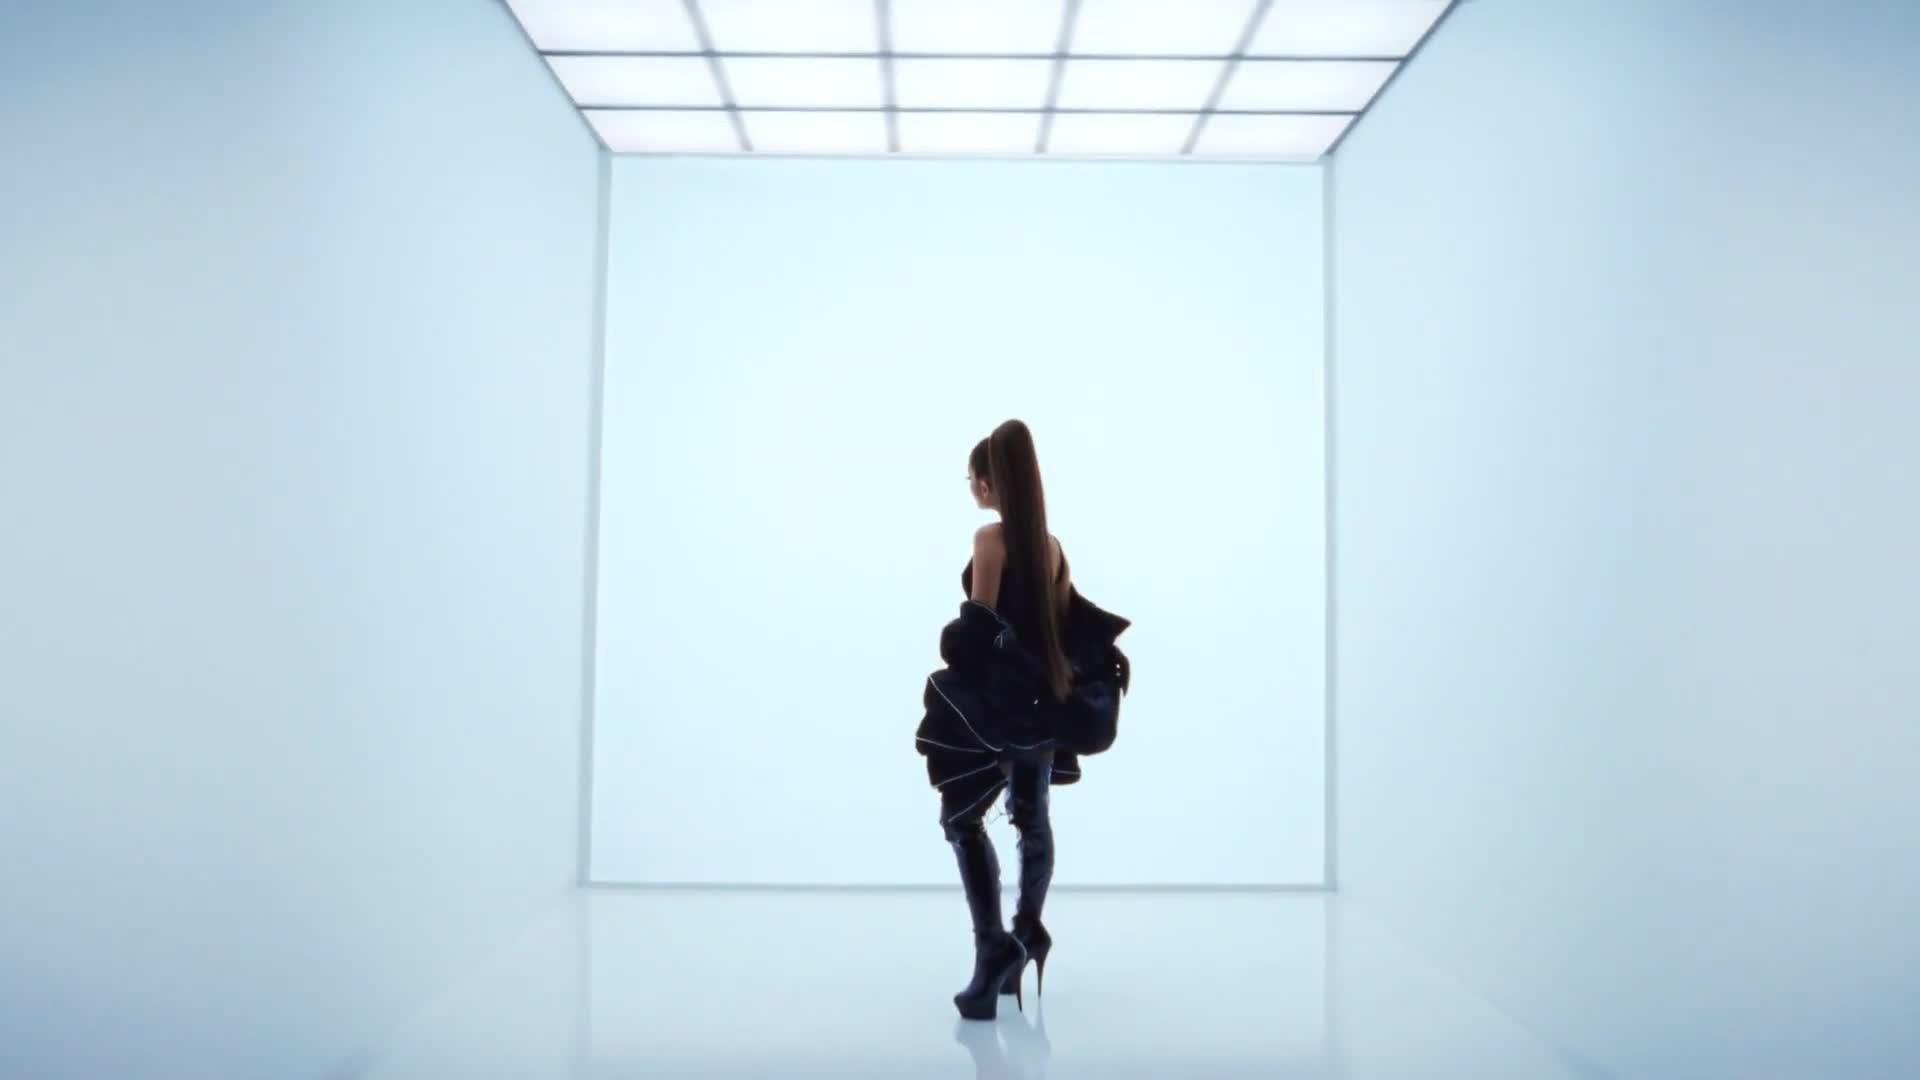 Ariana Grande x Vogue